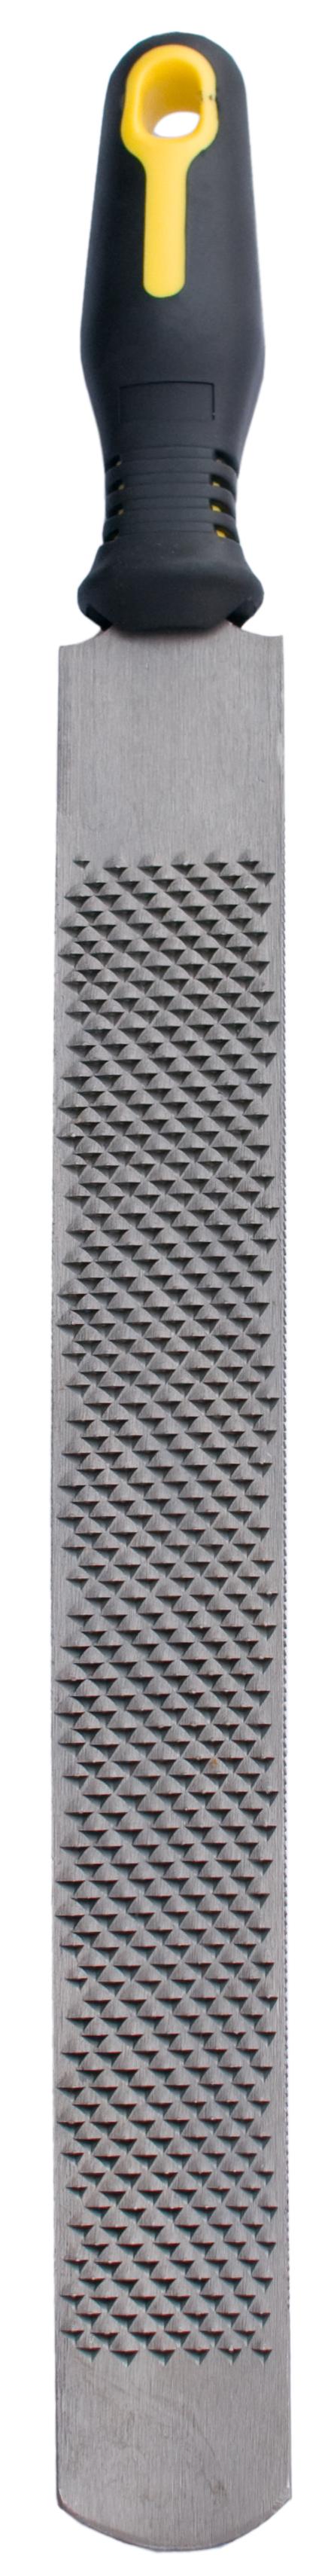 Hoefrasp recht 35 cm met Handvat